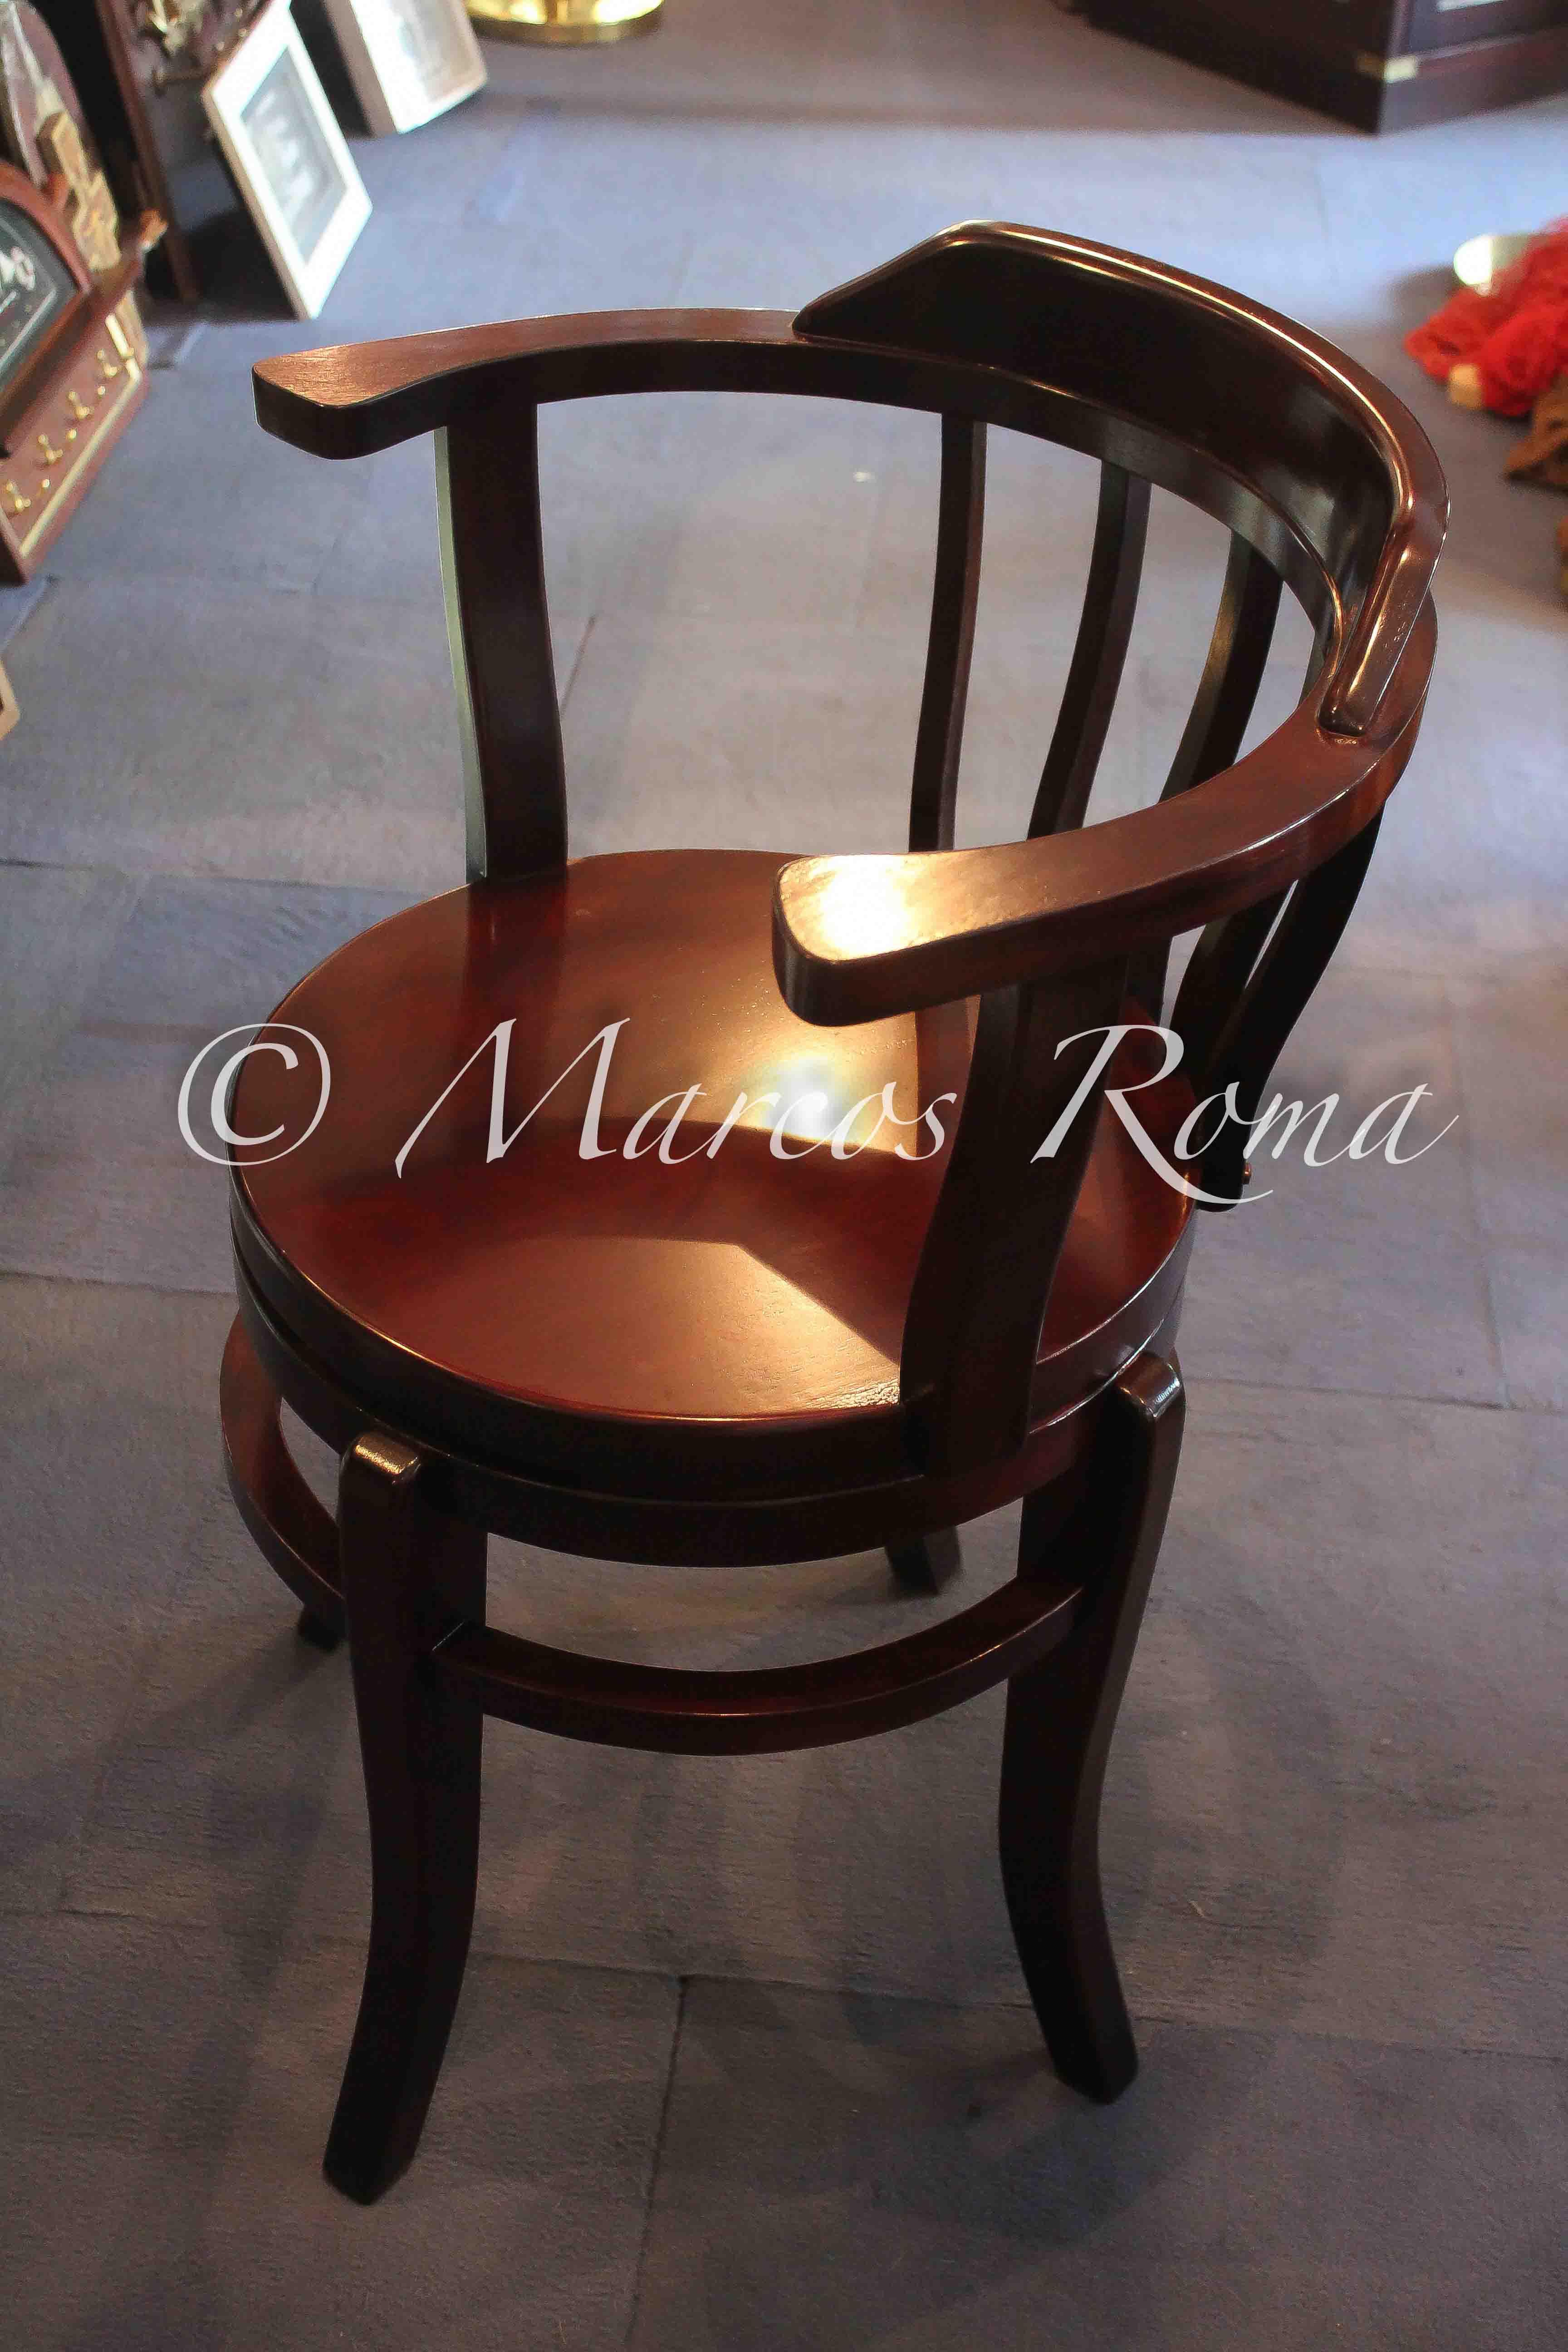 Sedie girevoli in legno marcos roma for Sedie girevoli